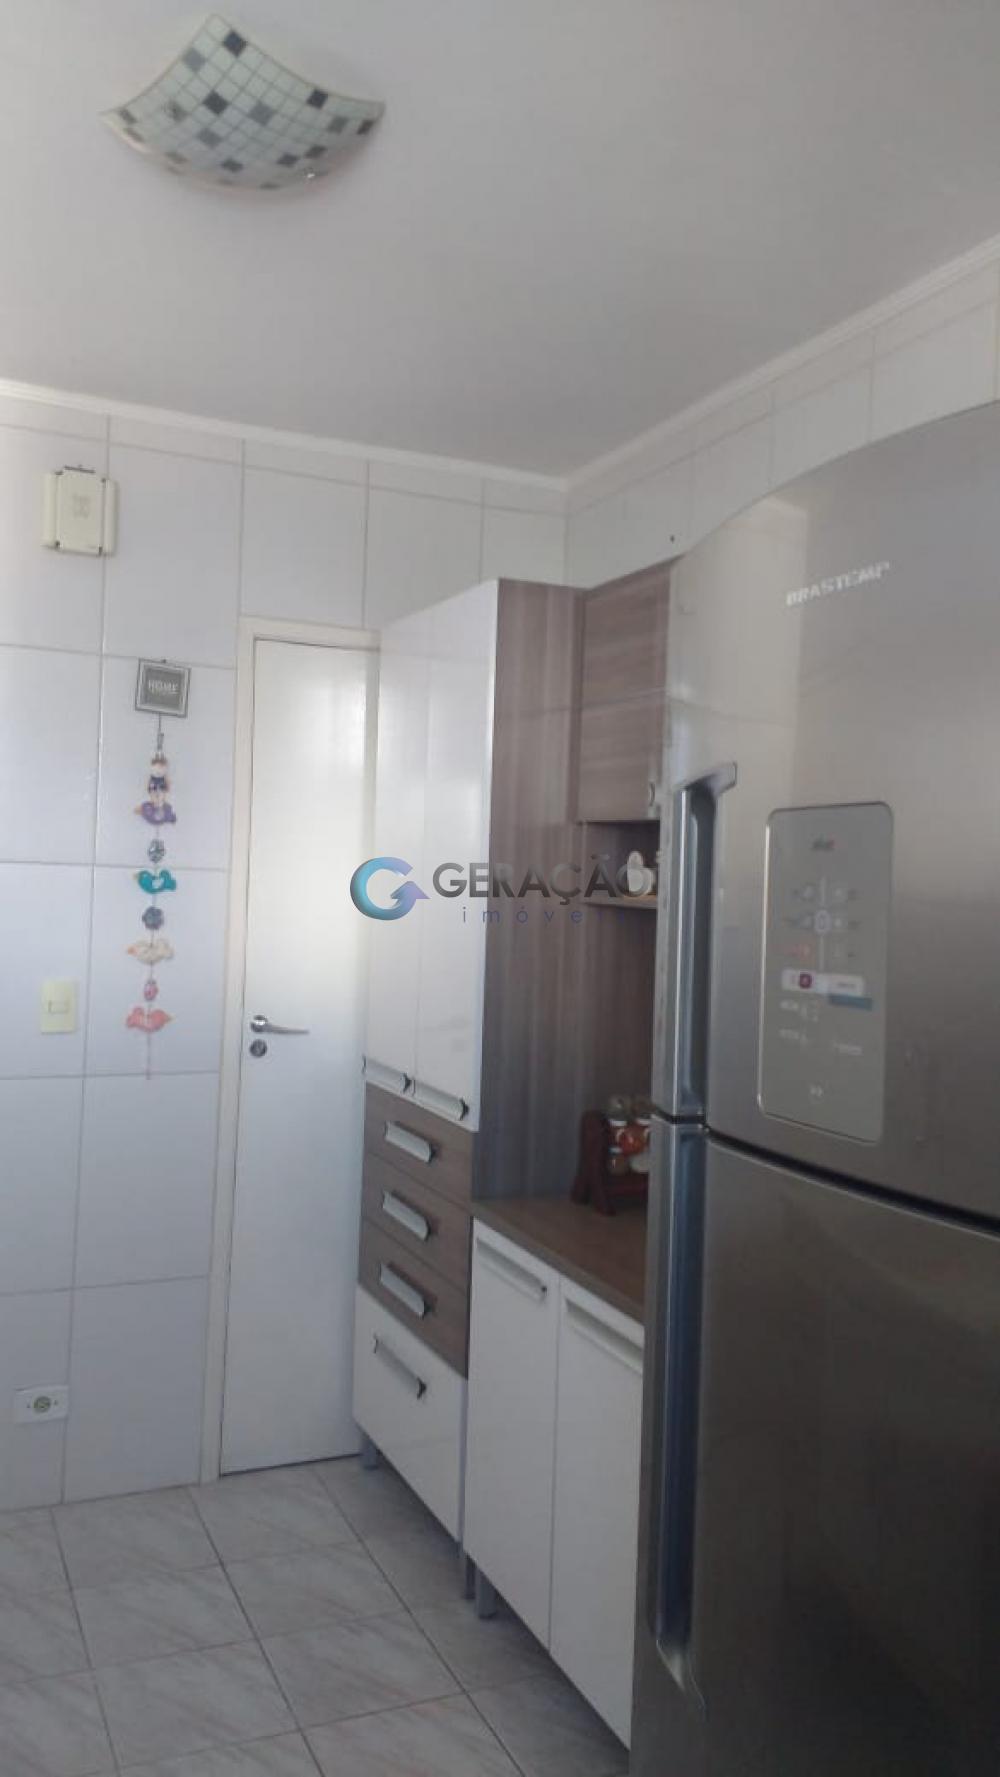 Comprar Apartamento / Padrão em São José dos Campos apenas R$ 220.000,00 - Foto 13